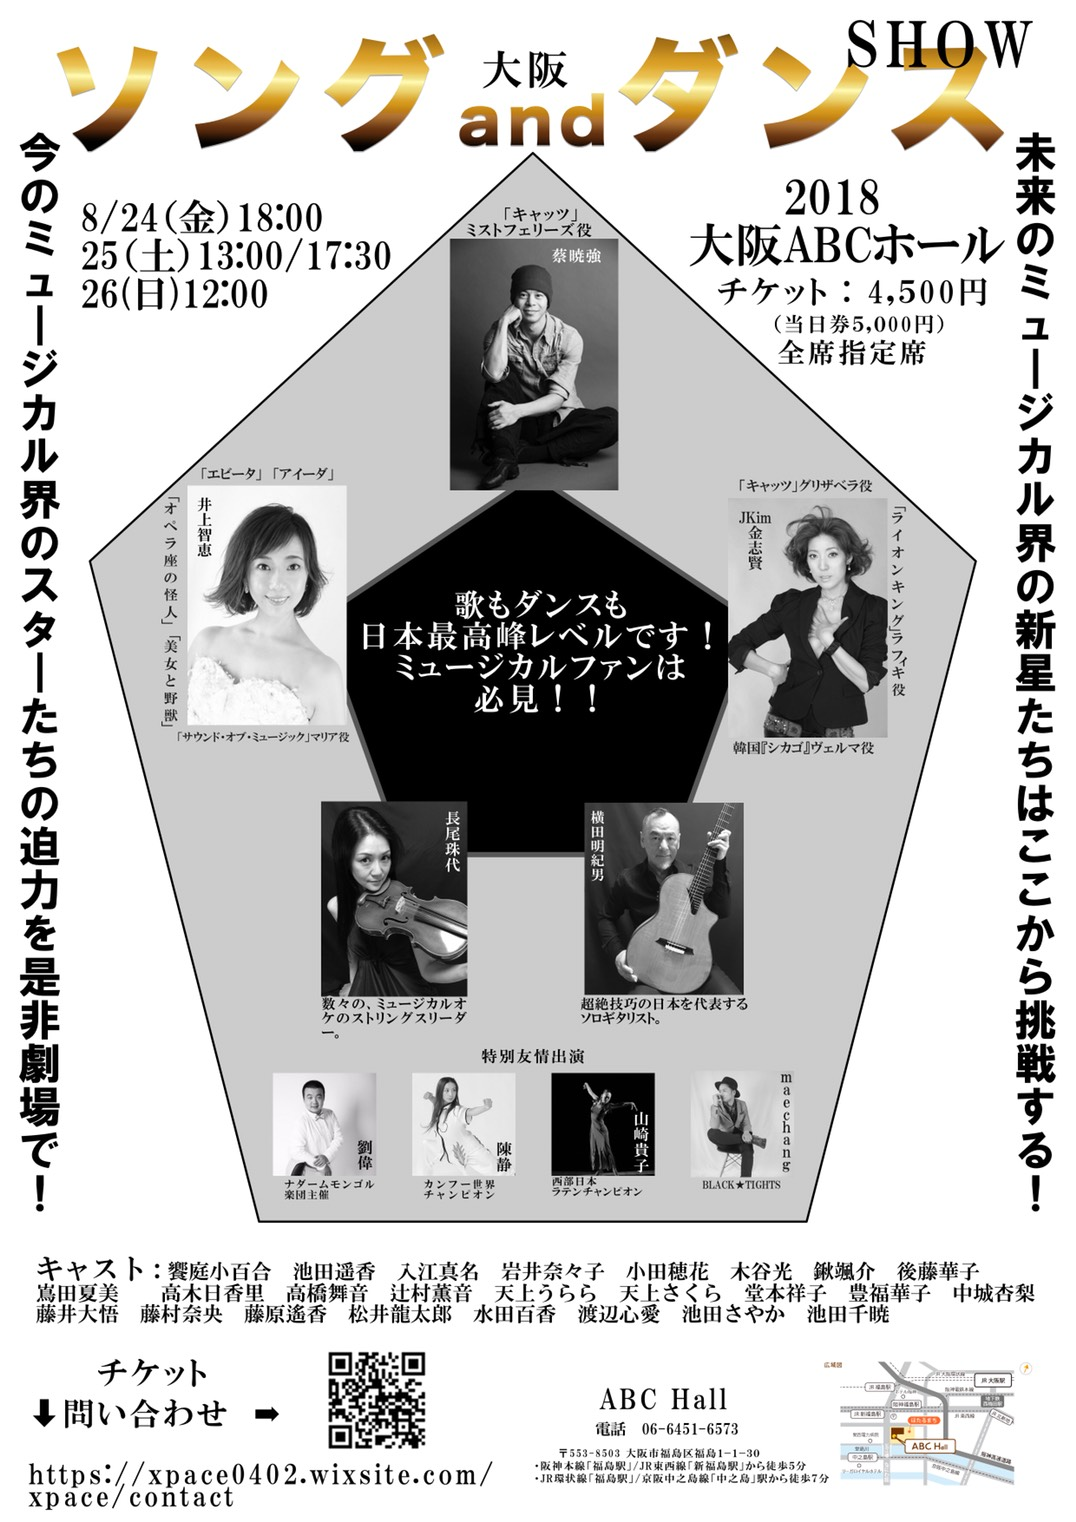 大阪ソングand ダンスshow(Aug.24,25,26)